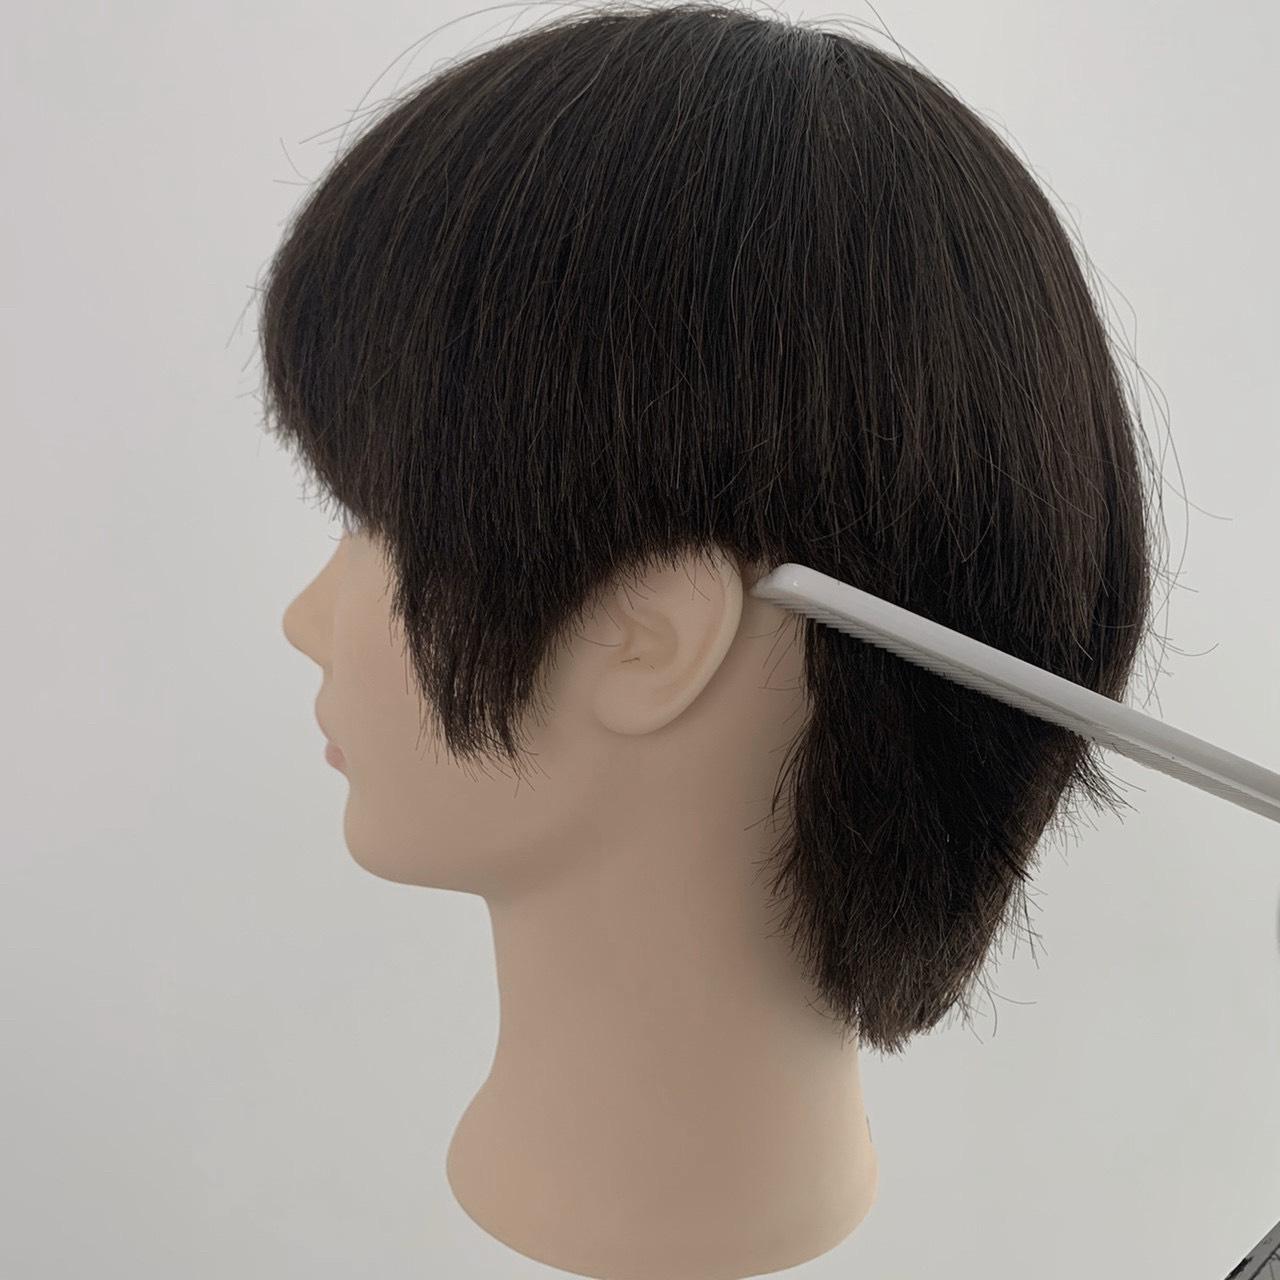 男の子のおうちで髪の毛セルフカット、やり方